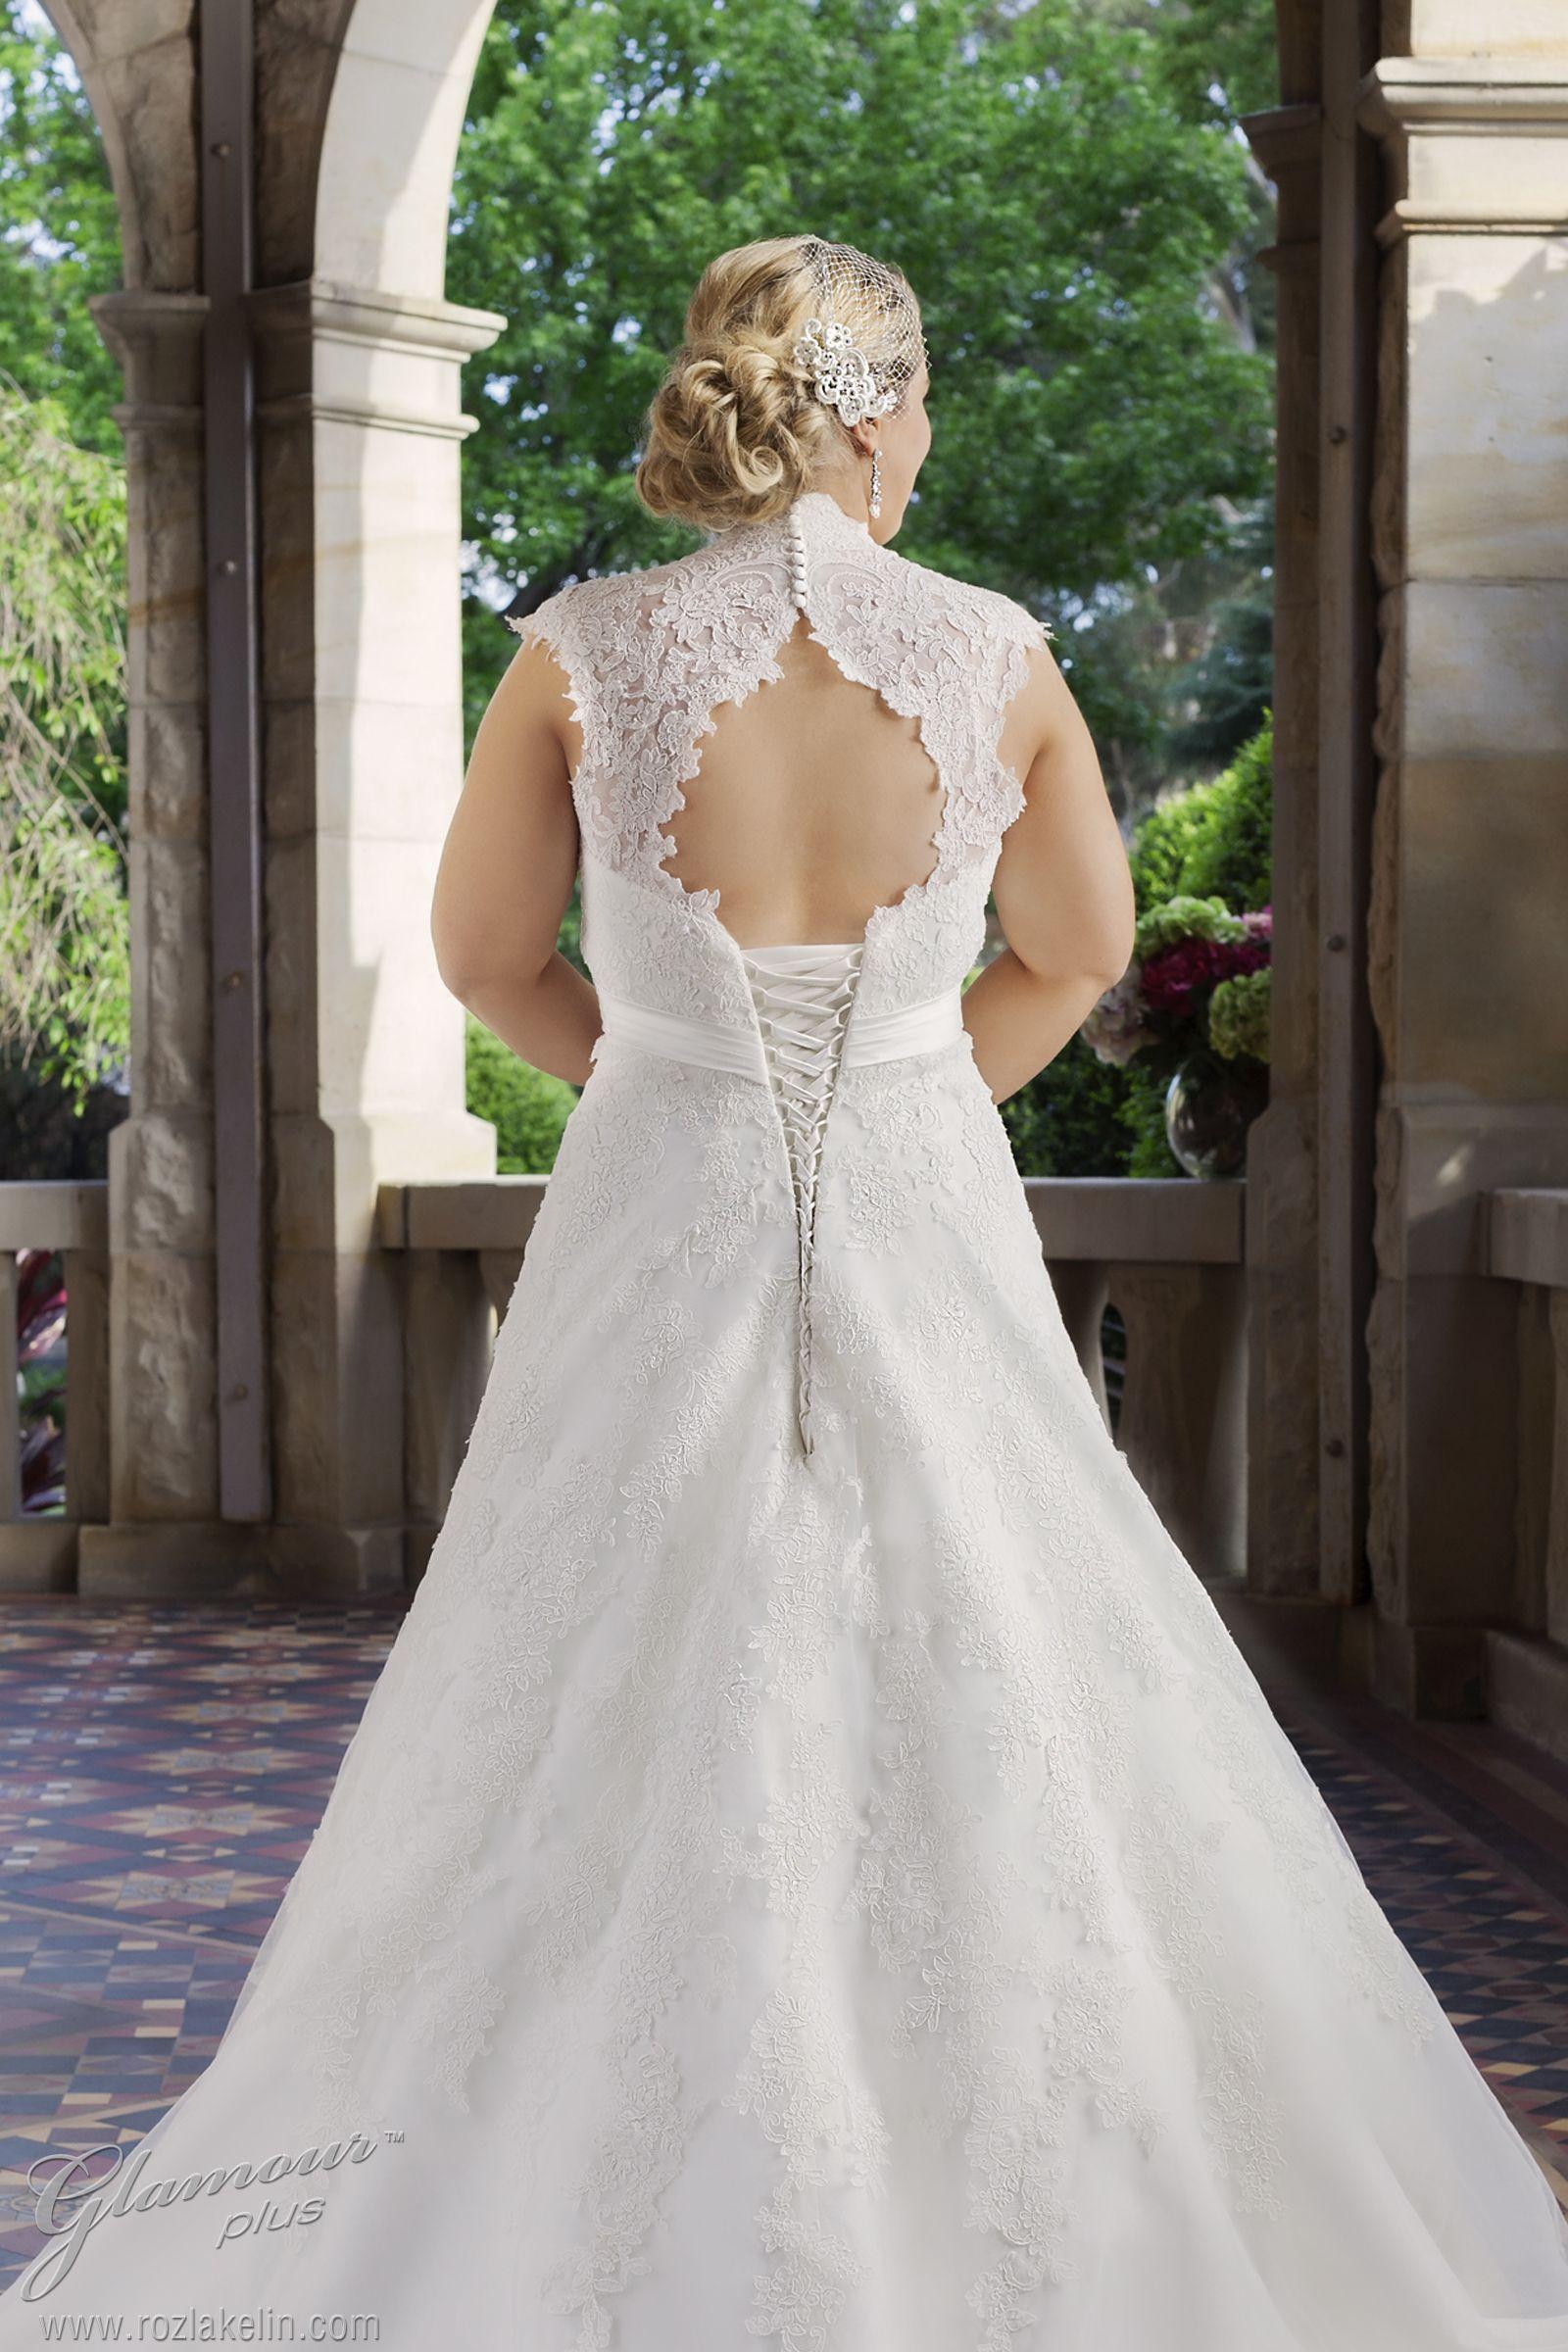 Glamour Plus wedding dress style Beatrix Slim shaped lace